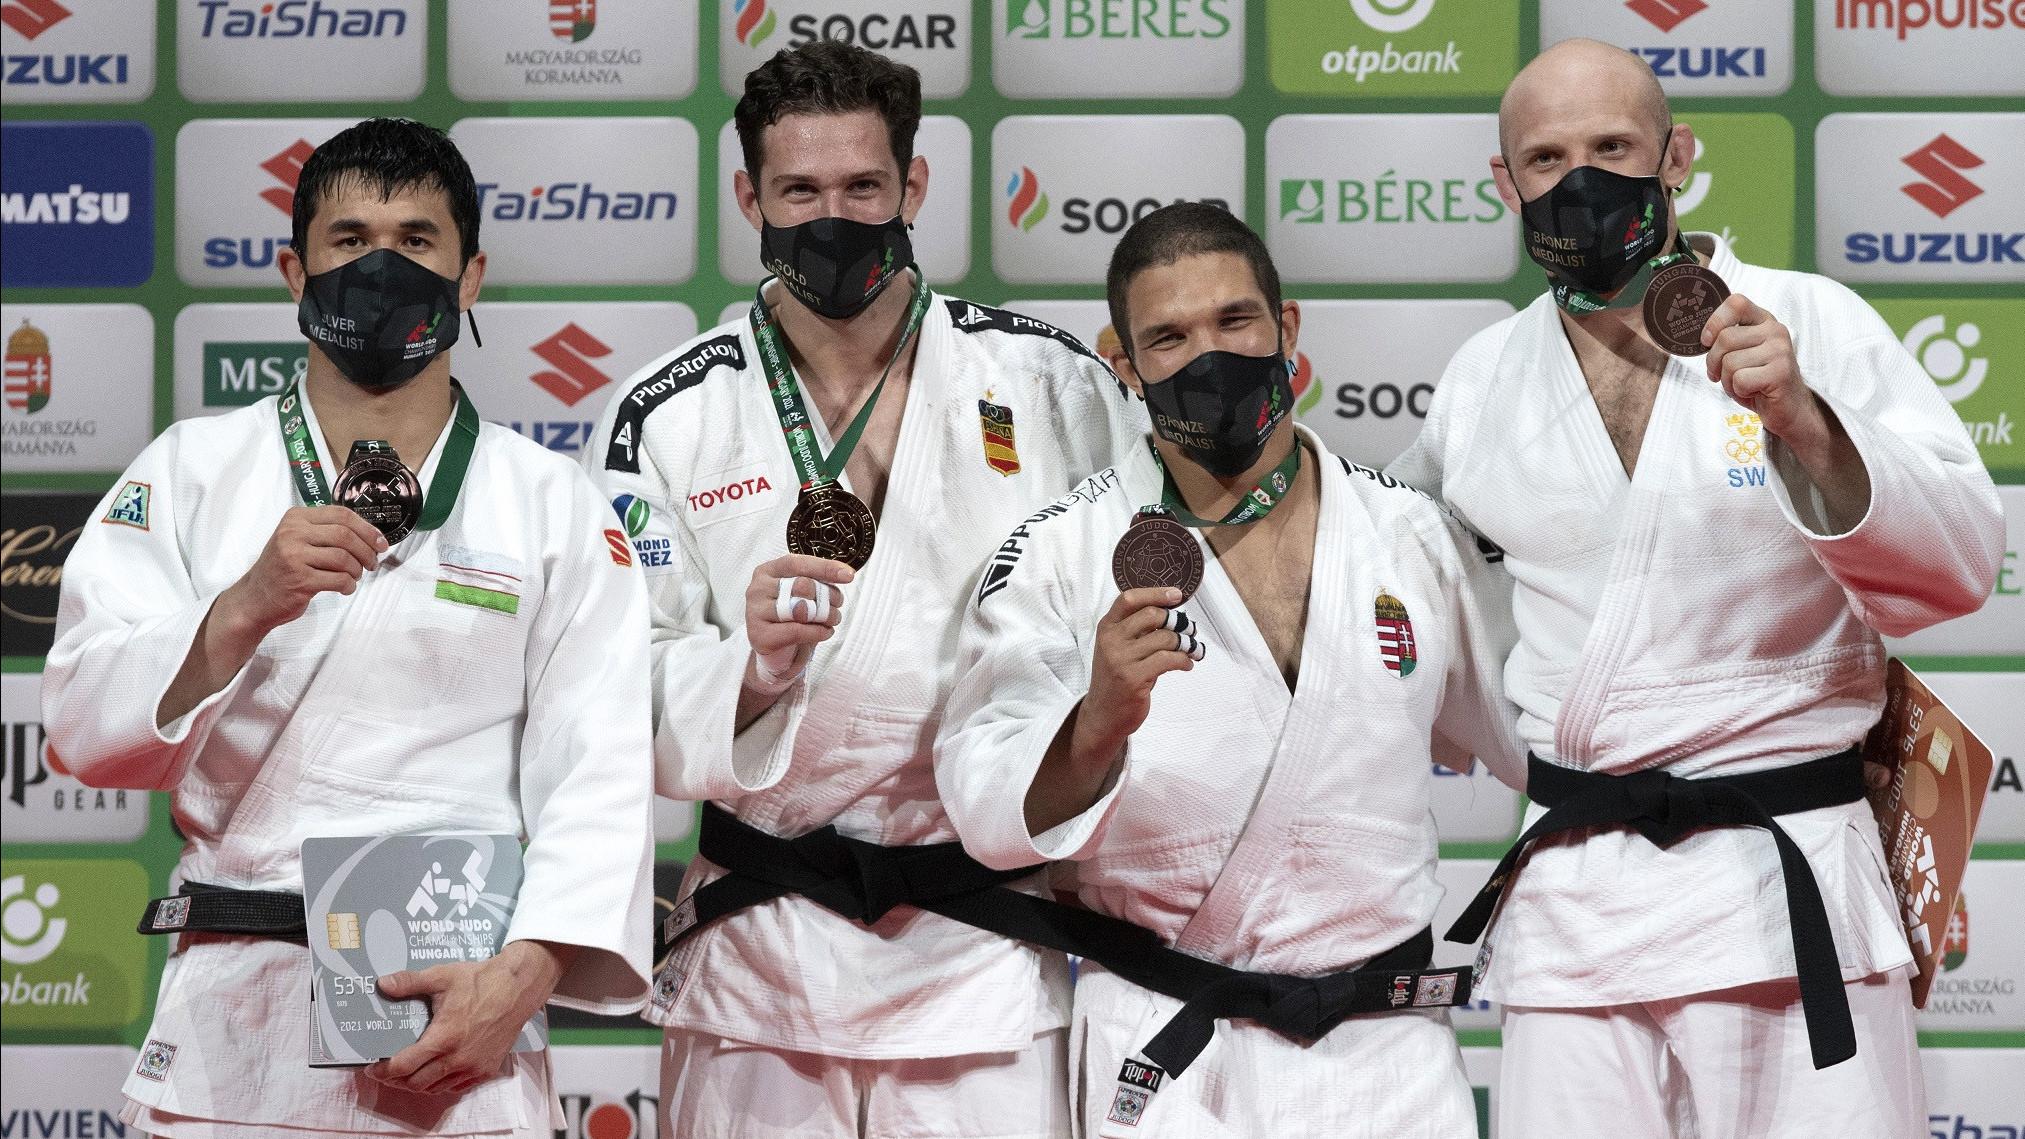 Mentális siker is a világbajnoki bronzérem